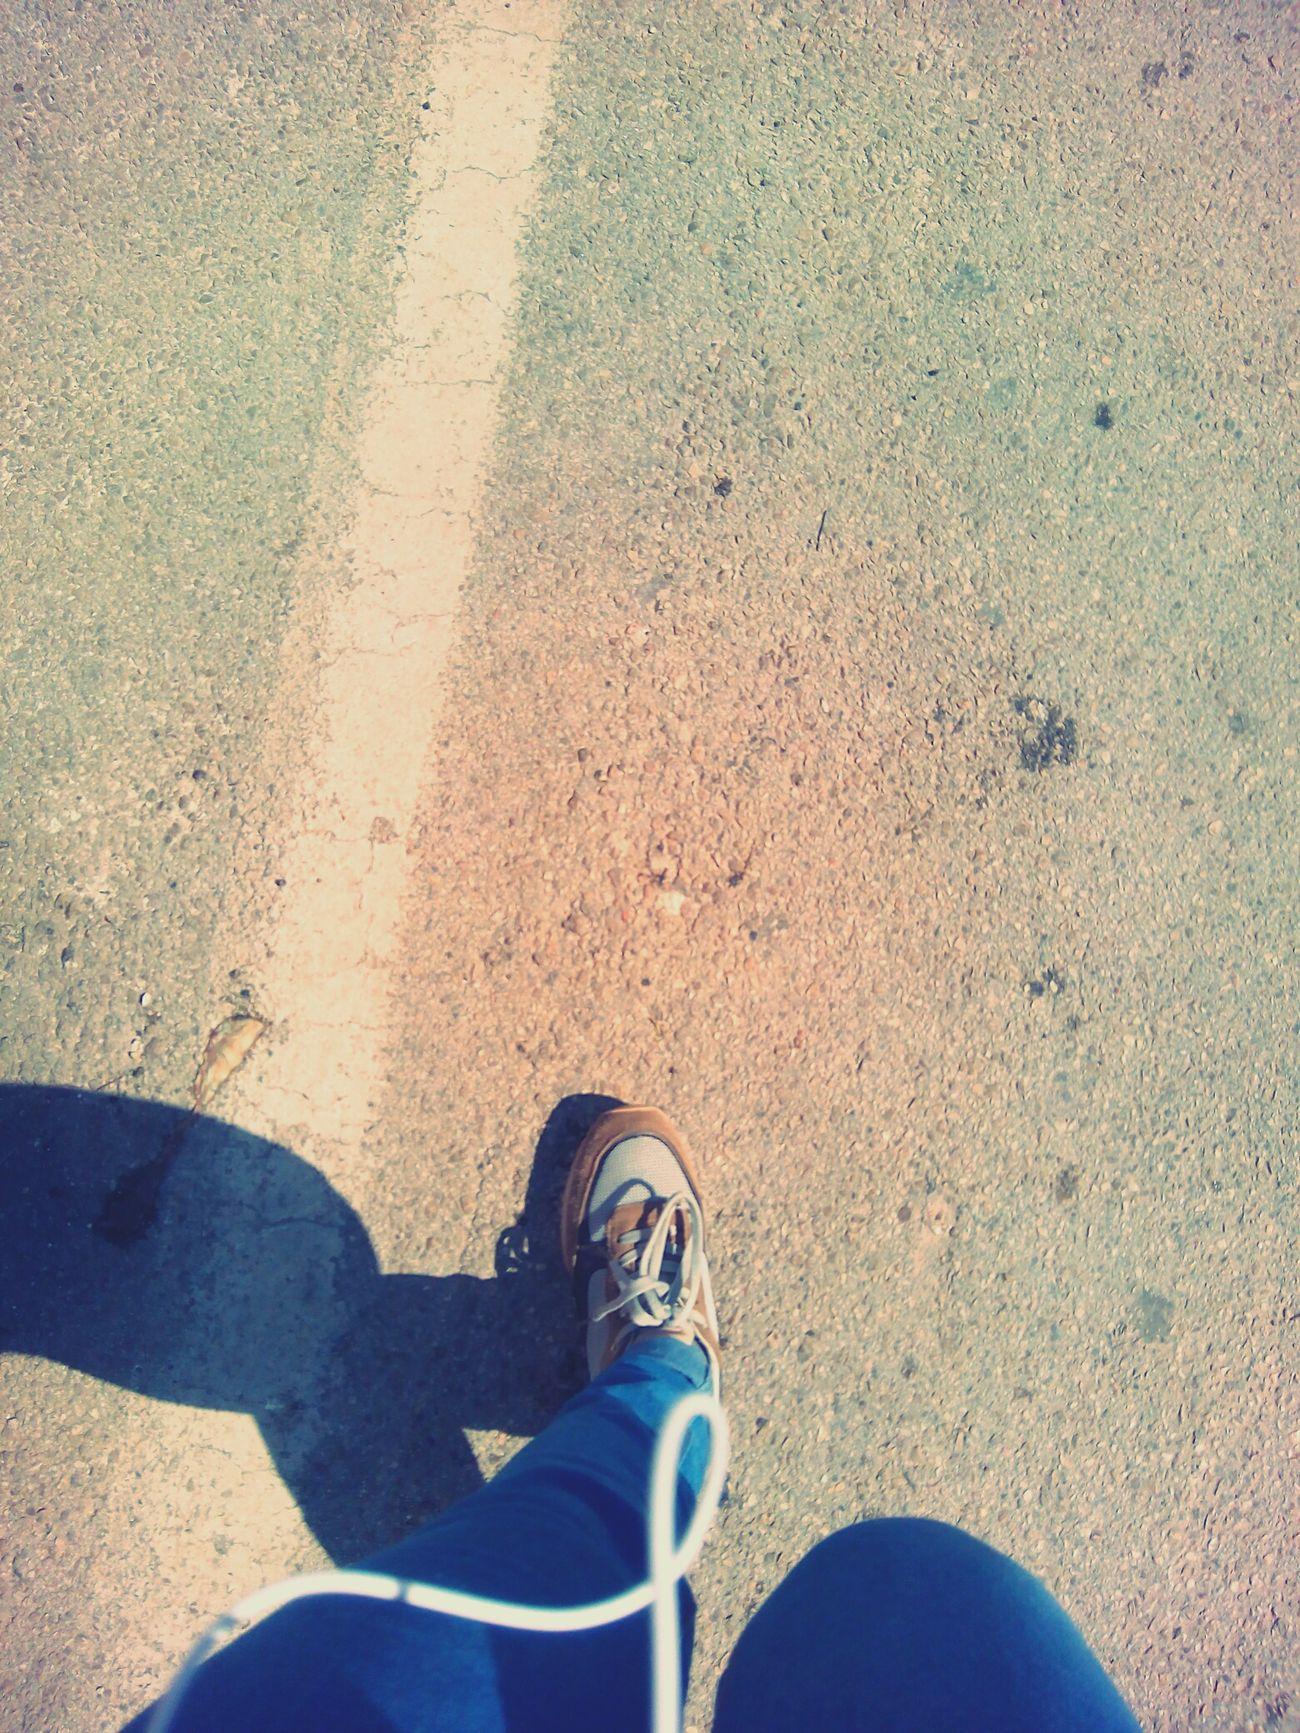 Looking Into The Future Avanti Camminare Percorso Strada